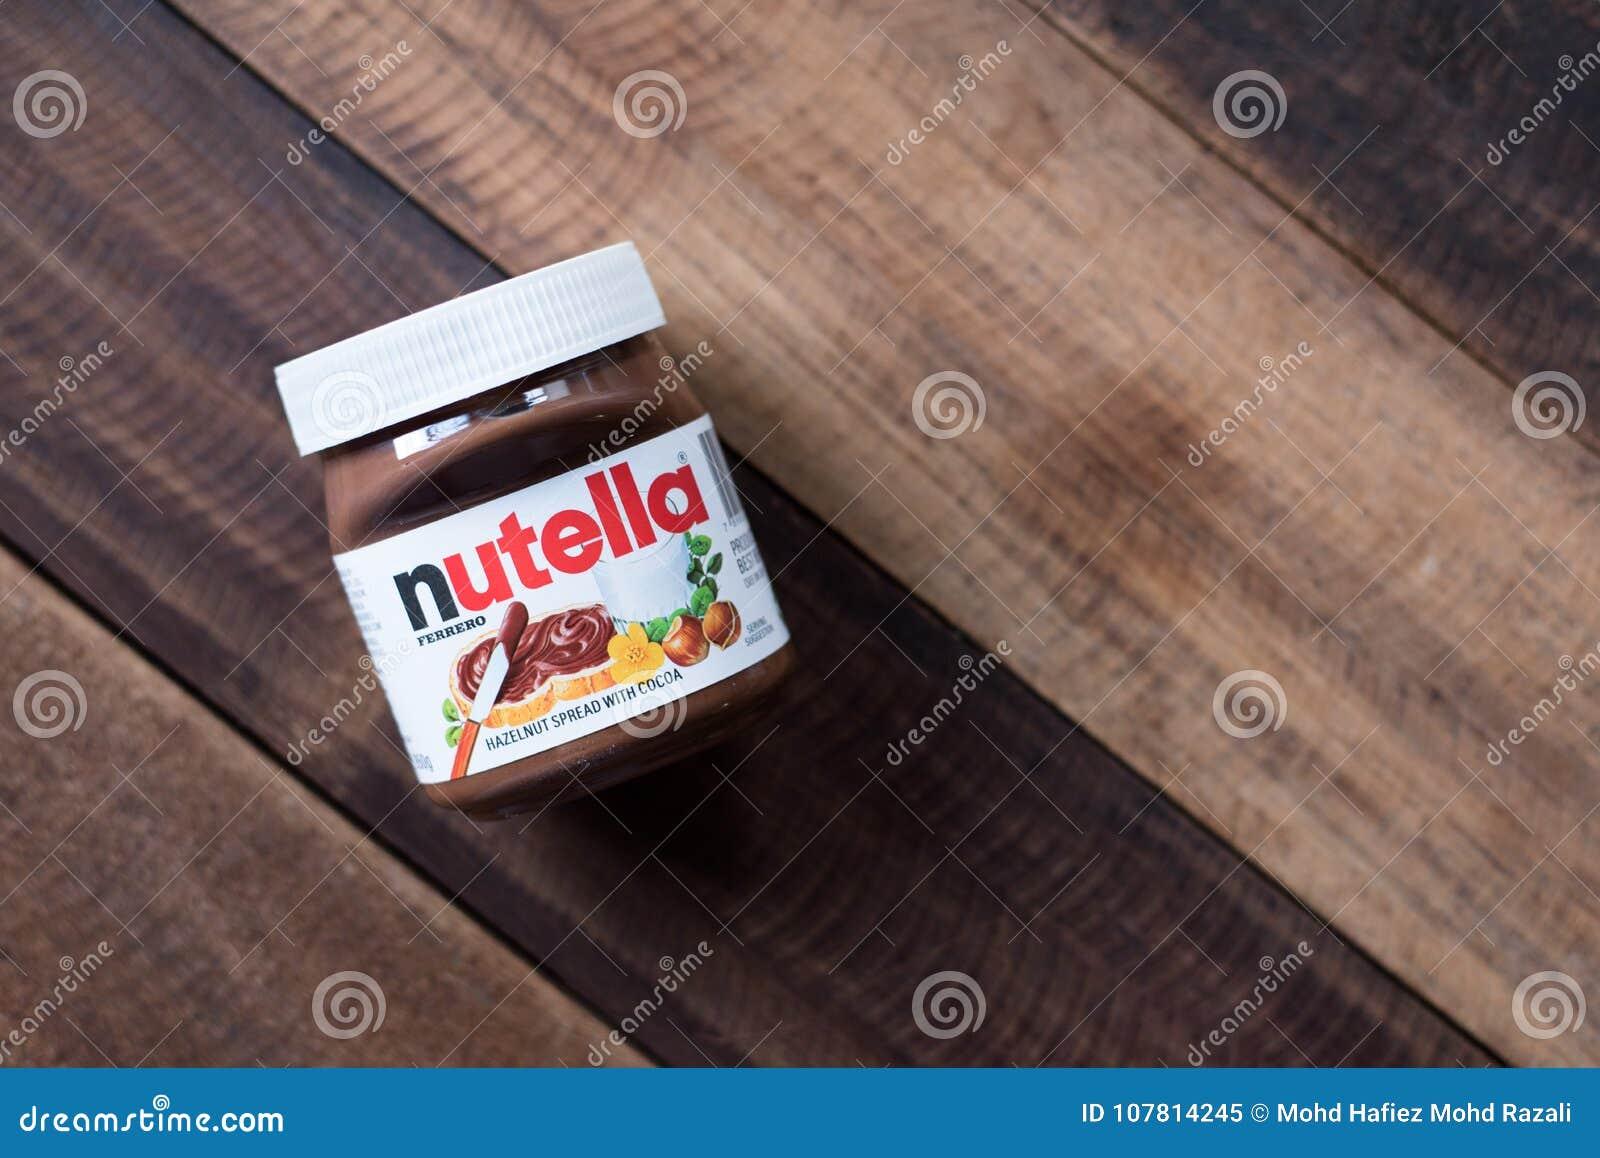 Chocolat de Nutella répandu sur la table en bois